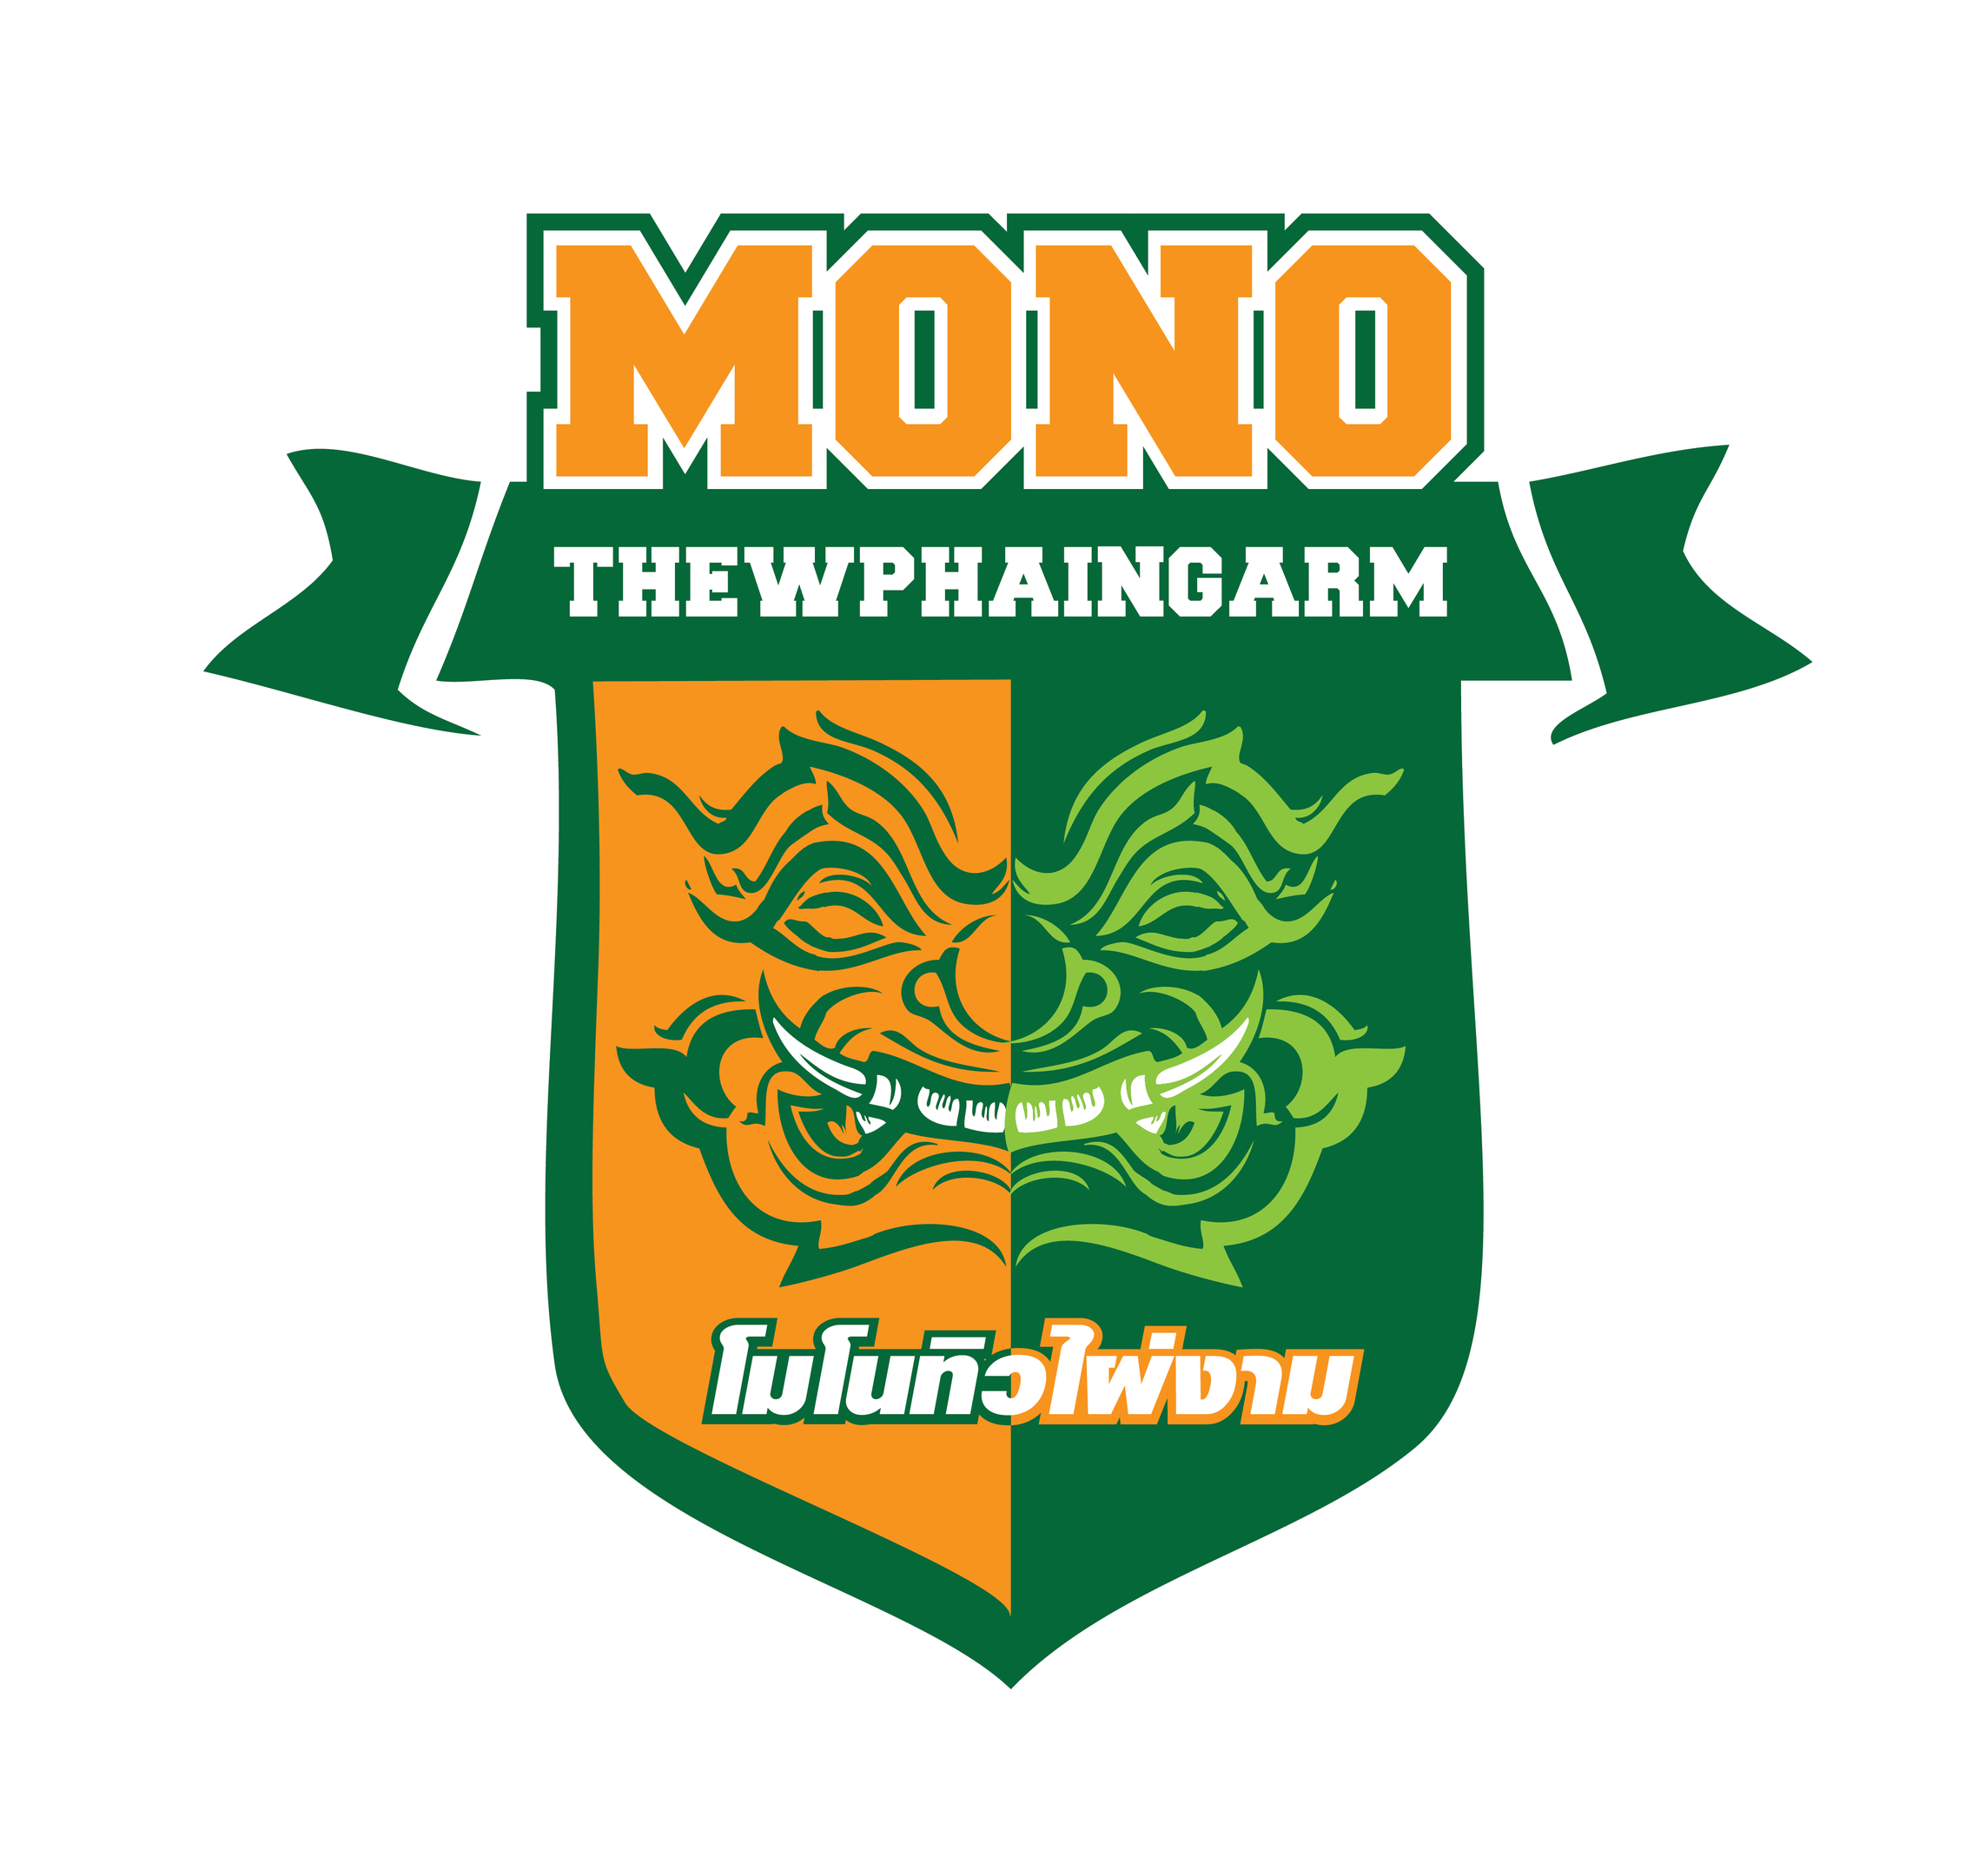 Mono Thewphaingarm